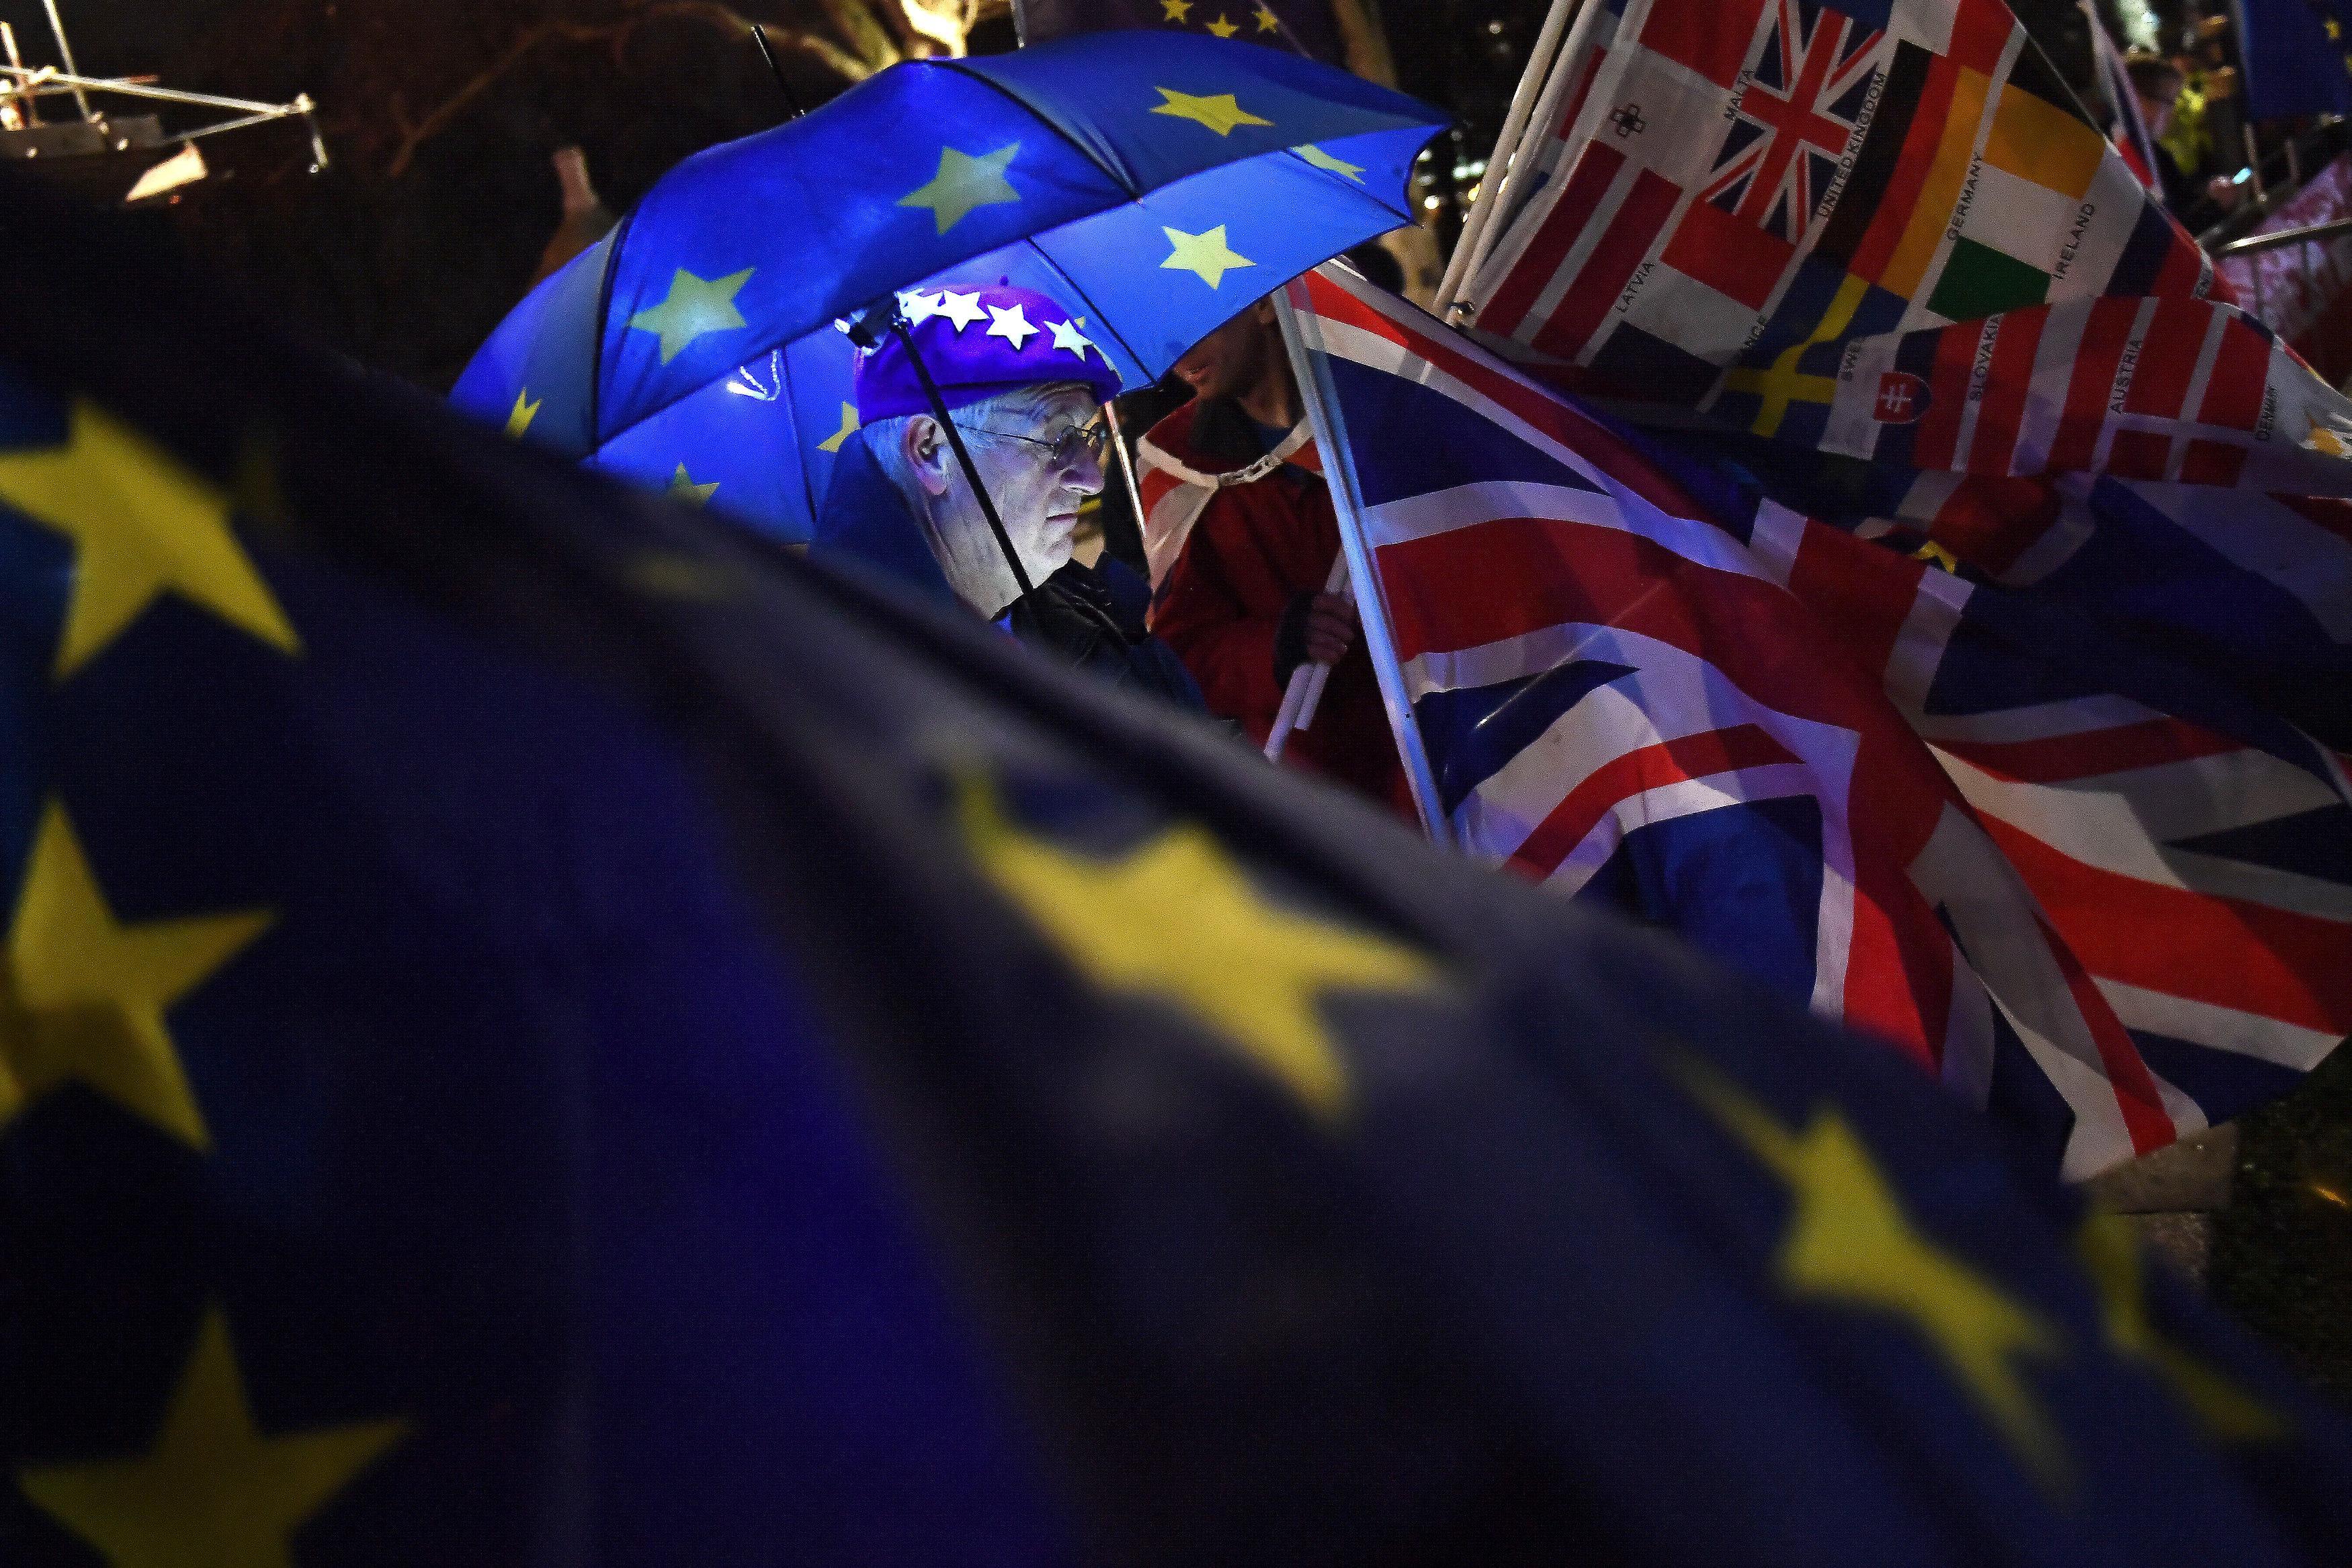 Factbox - მაისის Brexit 'გეგმა B': რა ხდება შემდეგ პარლამენტში?